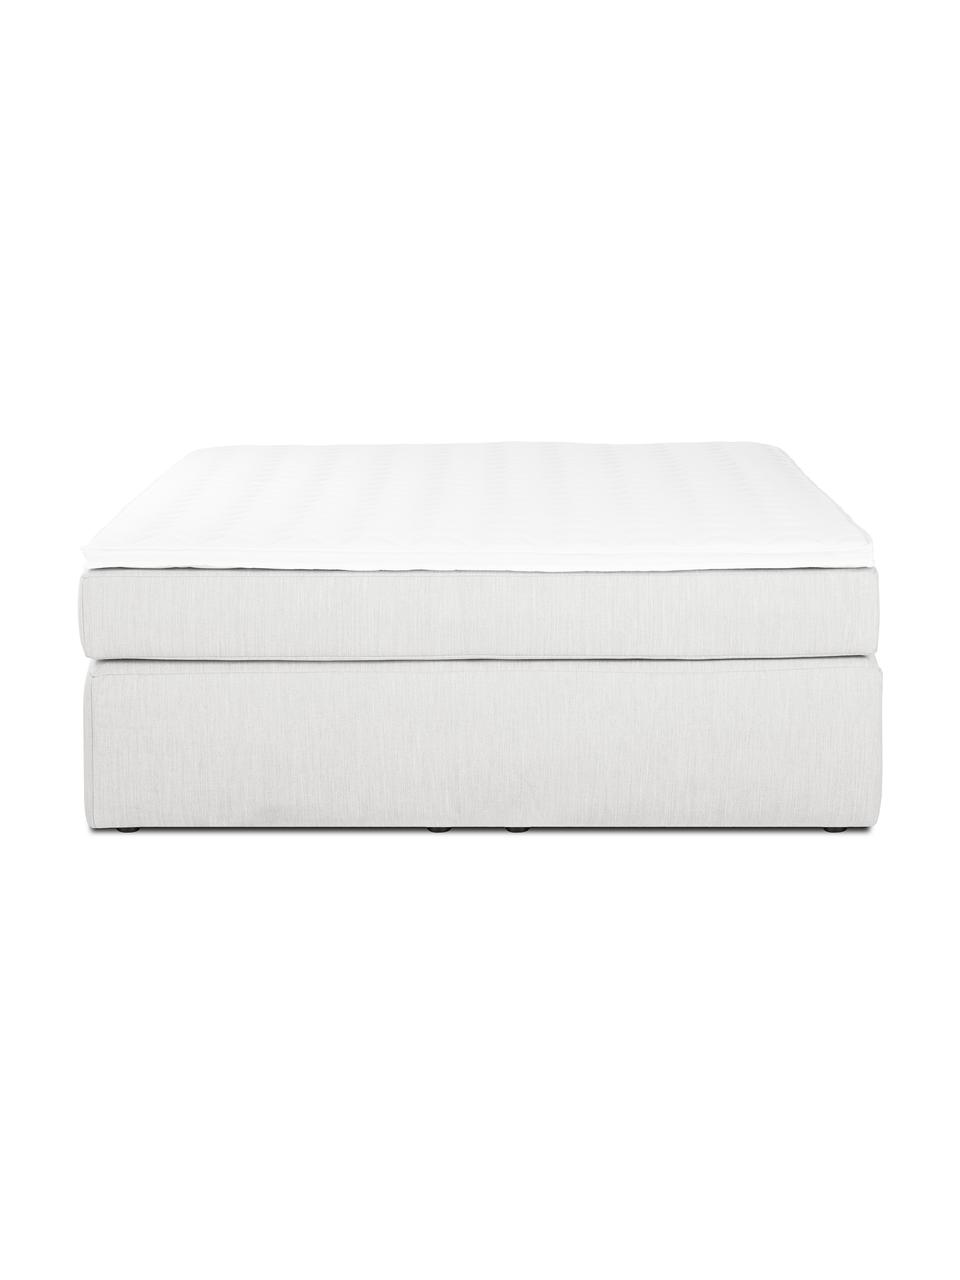 Łóżko kontynentalne bez zagłówka Aries, Nogi: tworzywo sztuczne, Jasny szary, S 200 x D 200 cm